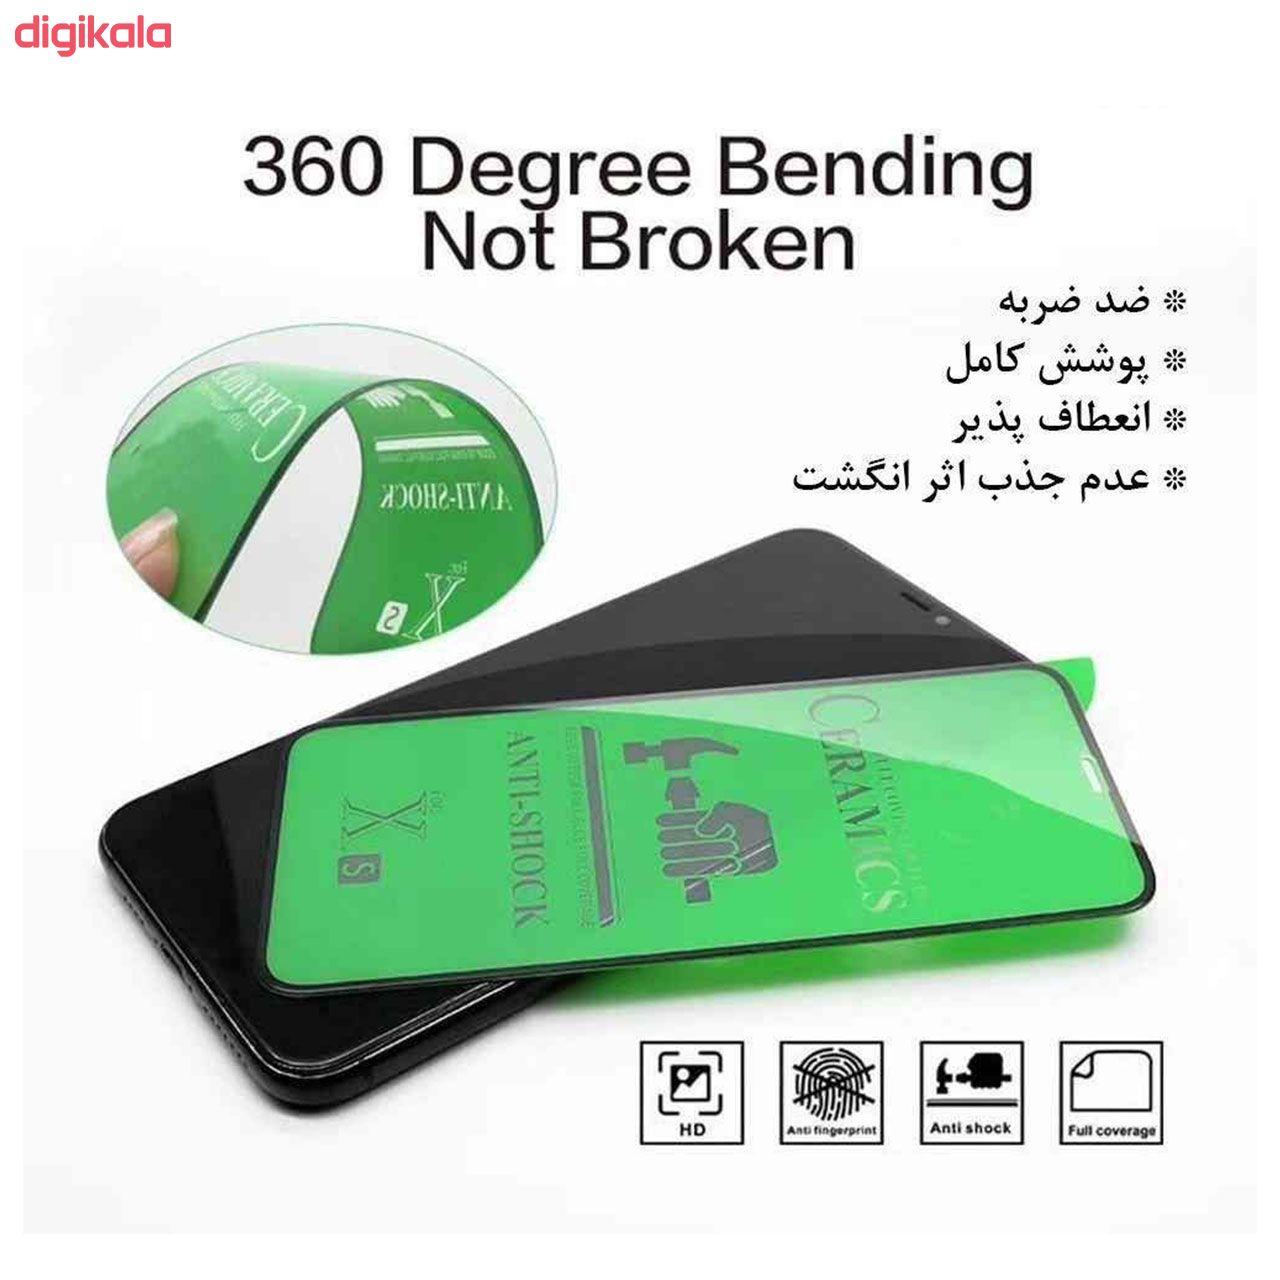 محافظ صفحه نمایش برنارد مدل Bcrm-01 مناسب برای گوشی موبایل اپل Iphone 6/6s main 1 3